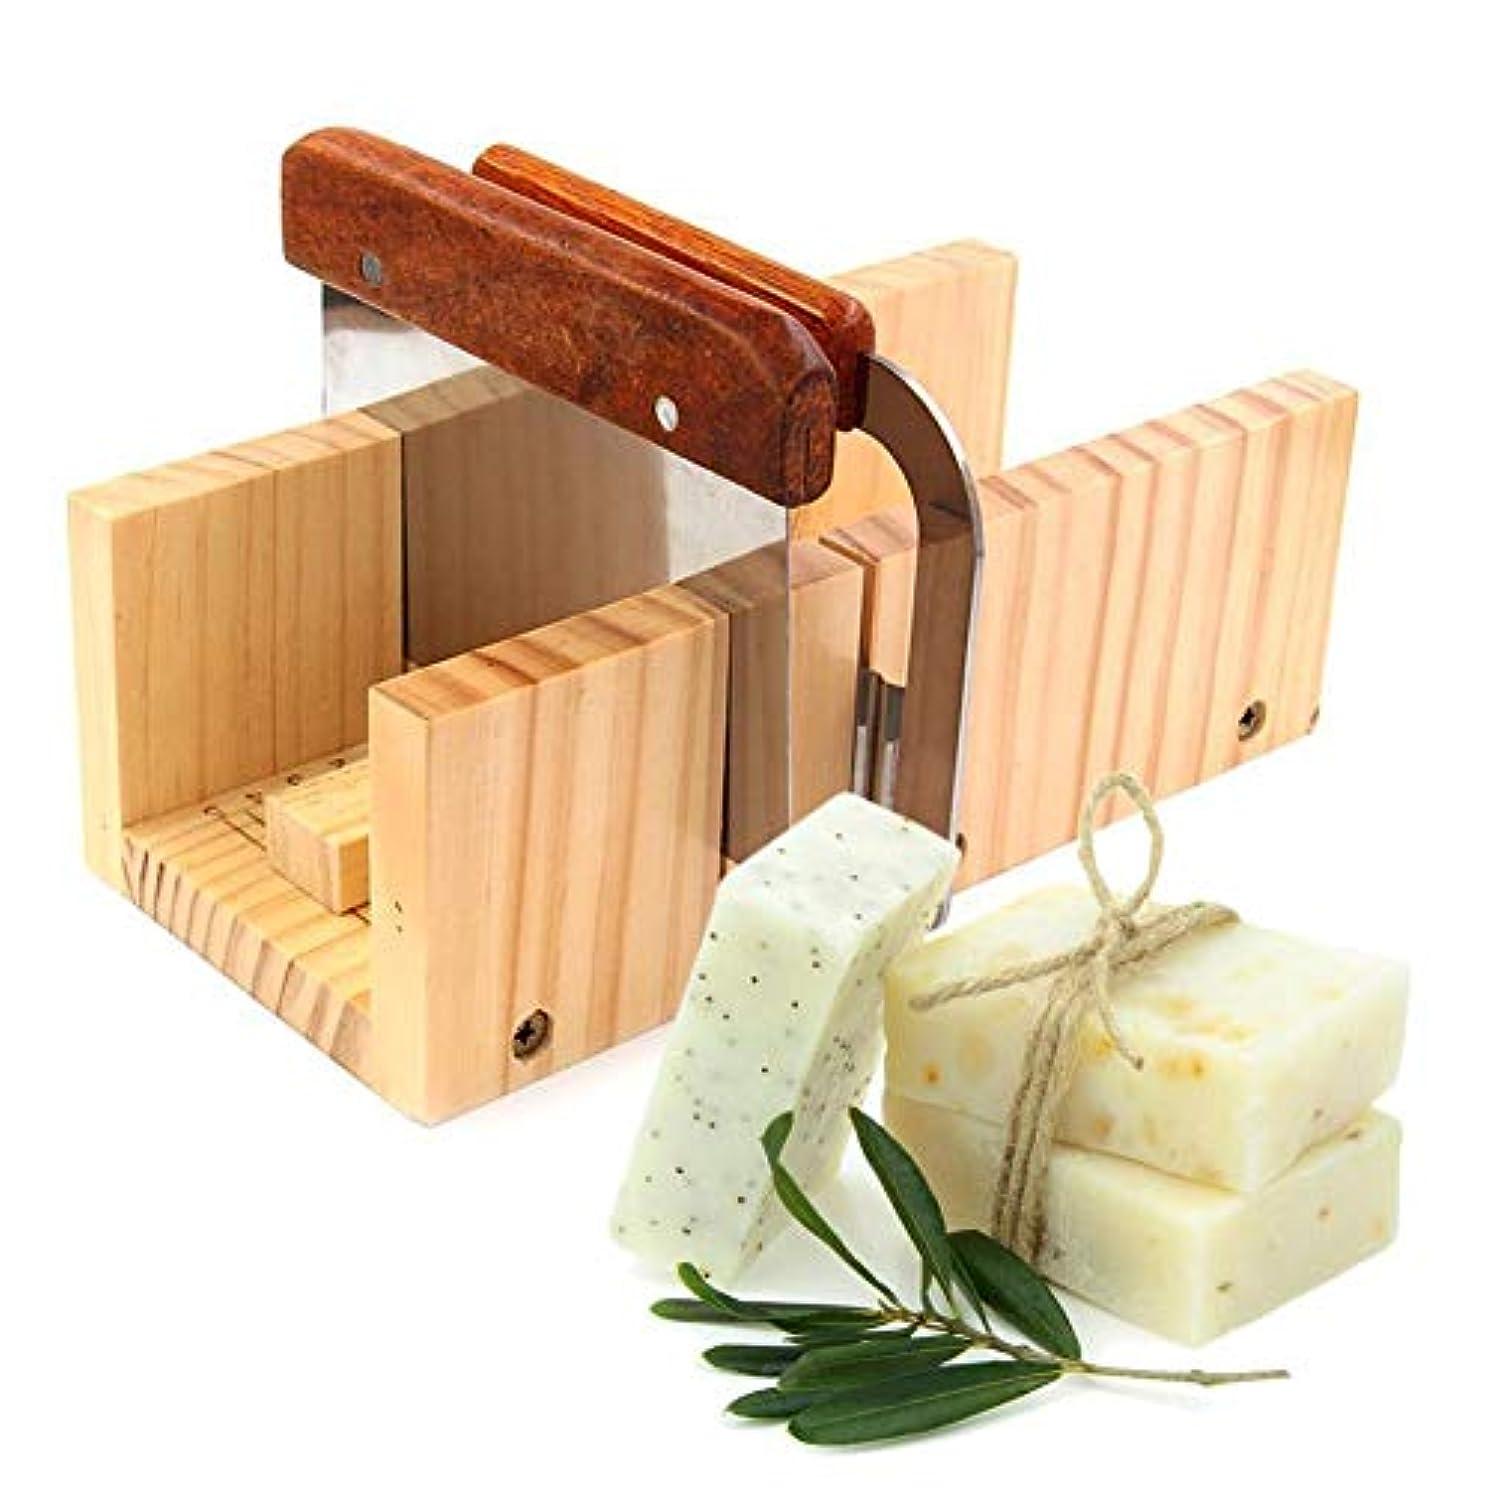 子孫ネイティブディスクRagem ソープカッター 手作り石鹸金型 木製 ローフカッターボックス 調整可能 多機能ソープ切削工具 ストレートプレーニングツール